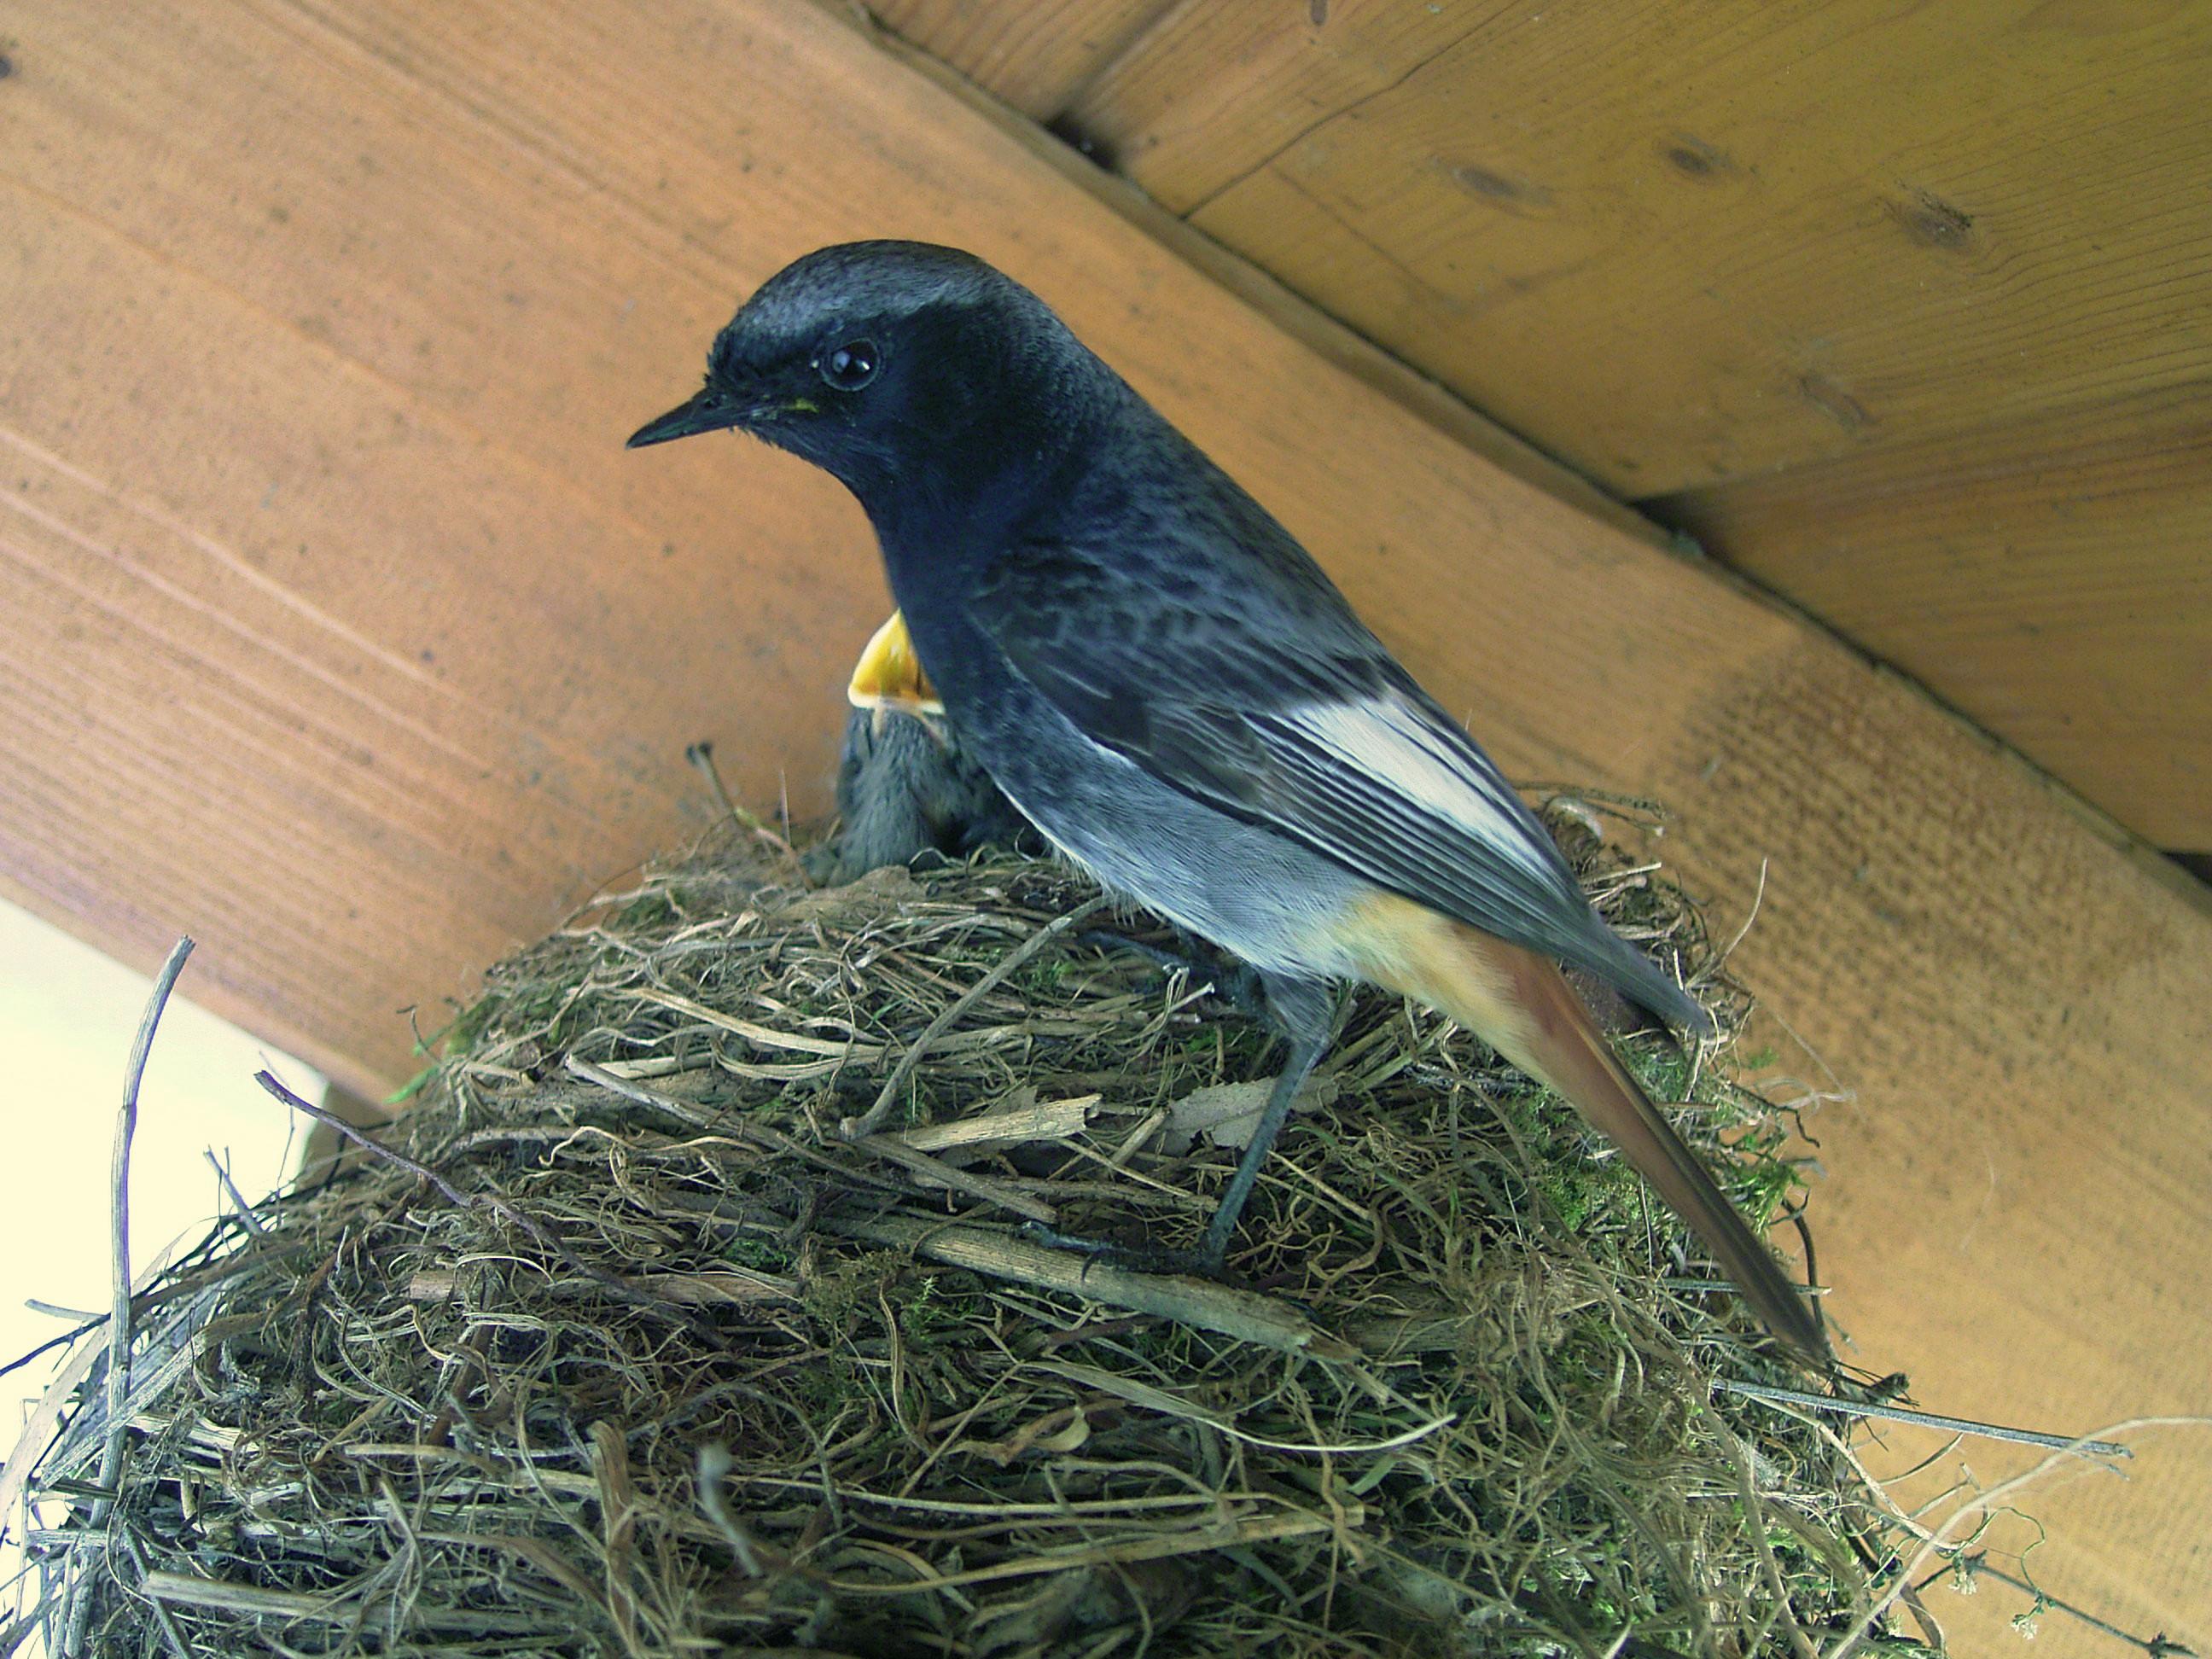 Горихвостка-чернушка фото